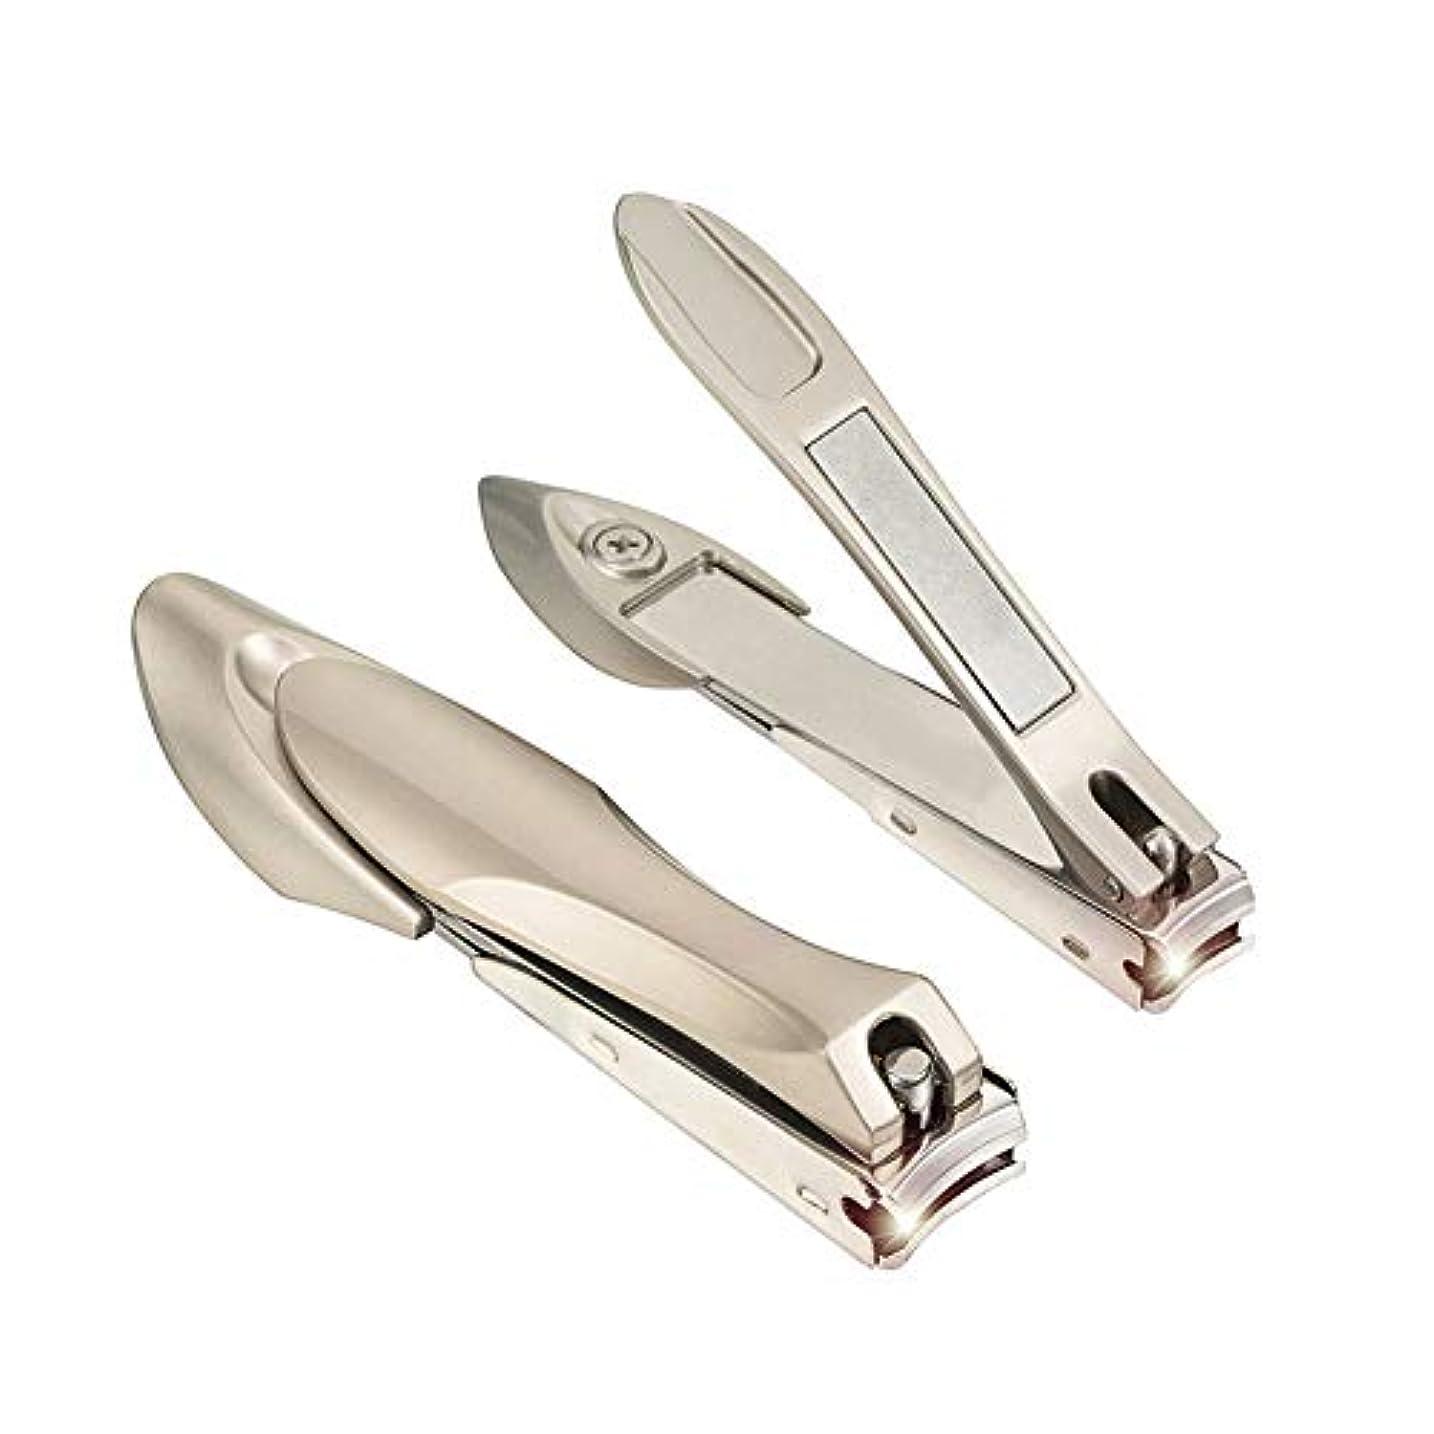 第九呼吸する重さ爪切り と キャッチャー、 プロフェッショナル ステンレス鋼 アンチスプラッシュ 爪 そして 足の爪 クリッパー カッター、 トリマーセット ために 男性 そして 女性たち